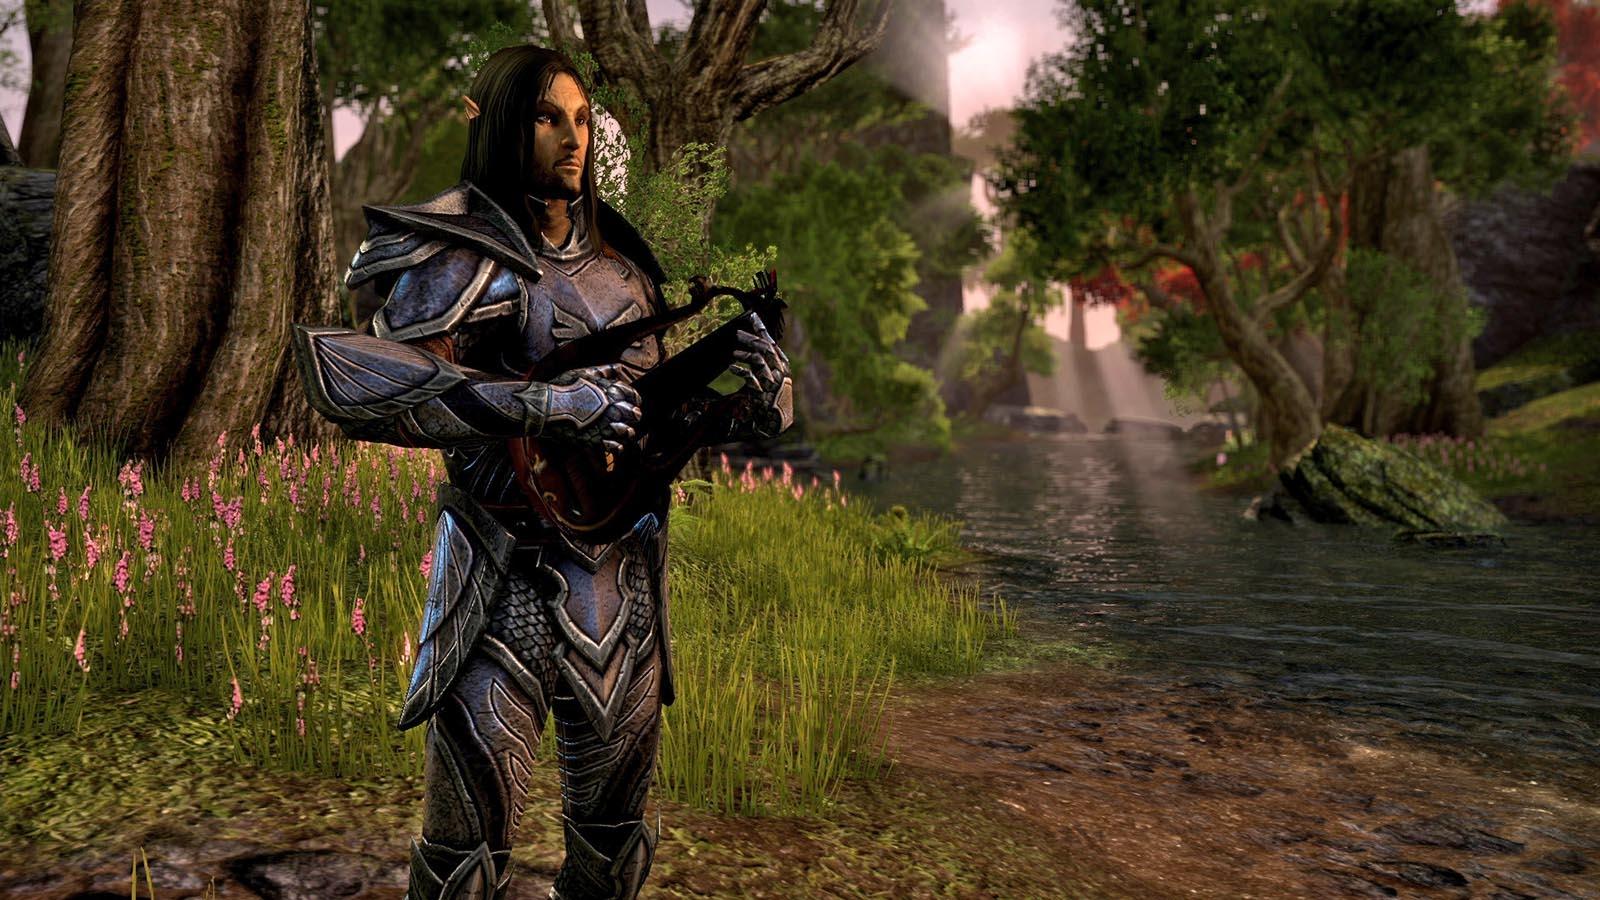 Bethesda quiere que juegues TES Online sin necesidad de ser Gold en Xbox One